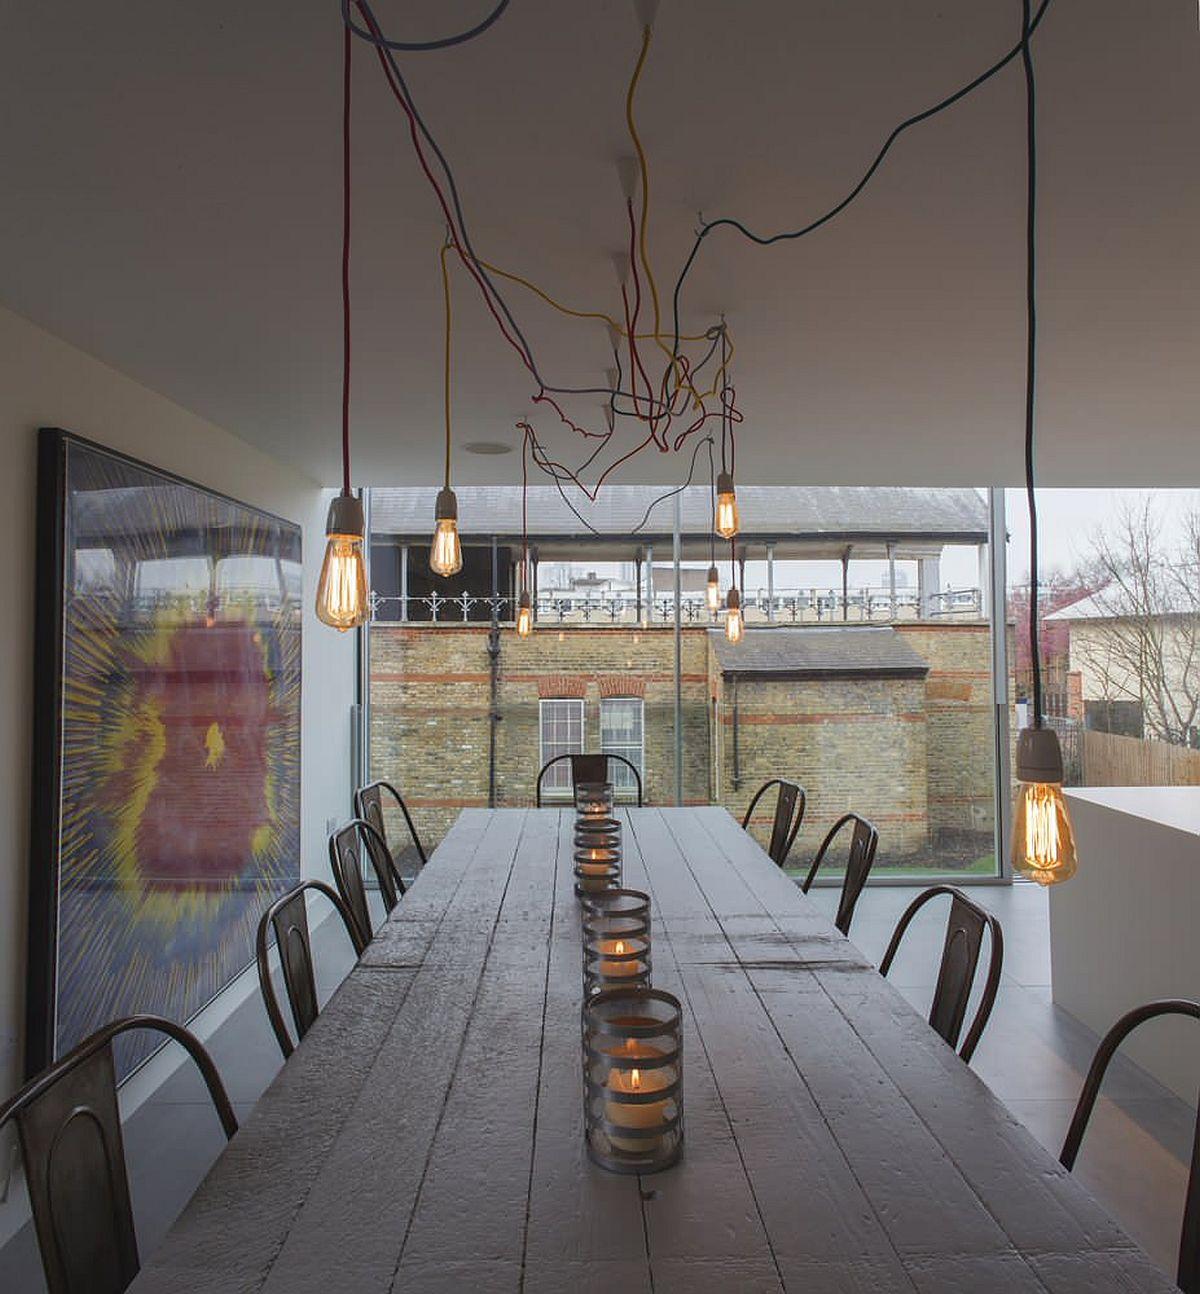 Hệ thống chiếu sáng bằng bóng đèn Edison tạo thêm nét công nghiệp cho không gian ăn uống tối giản hiện đại này